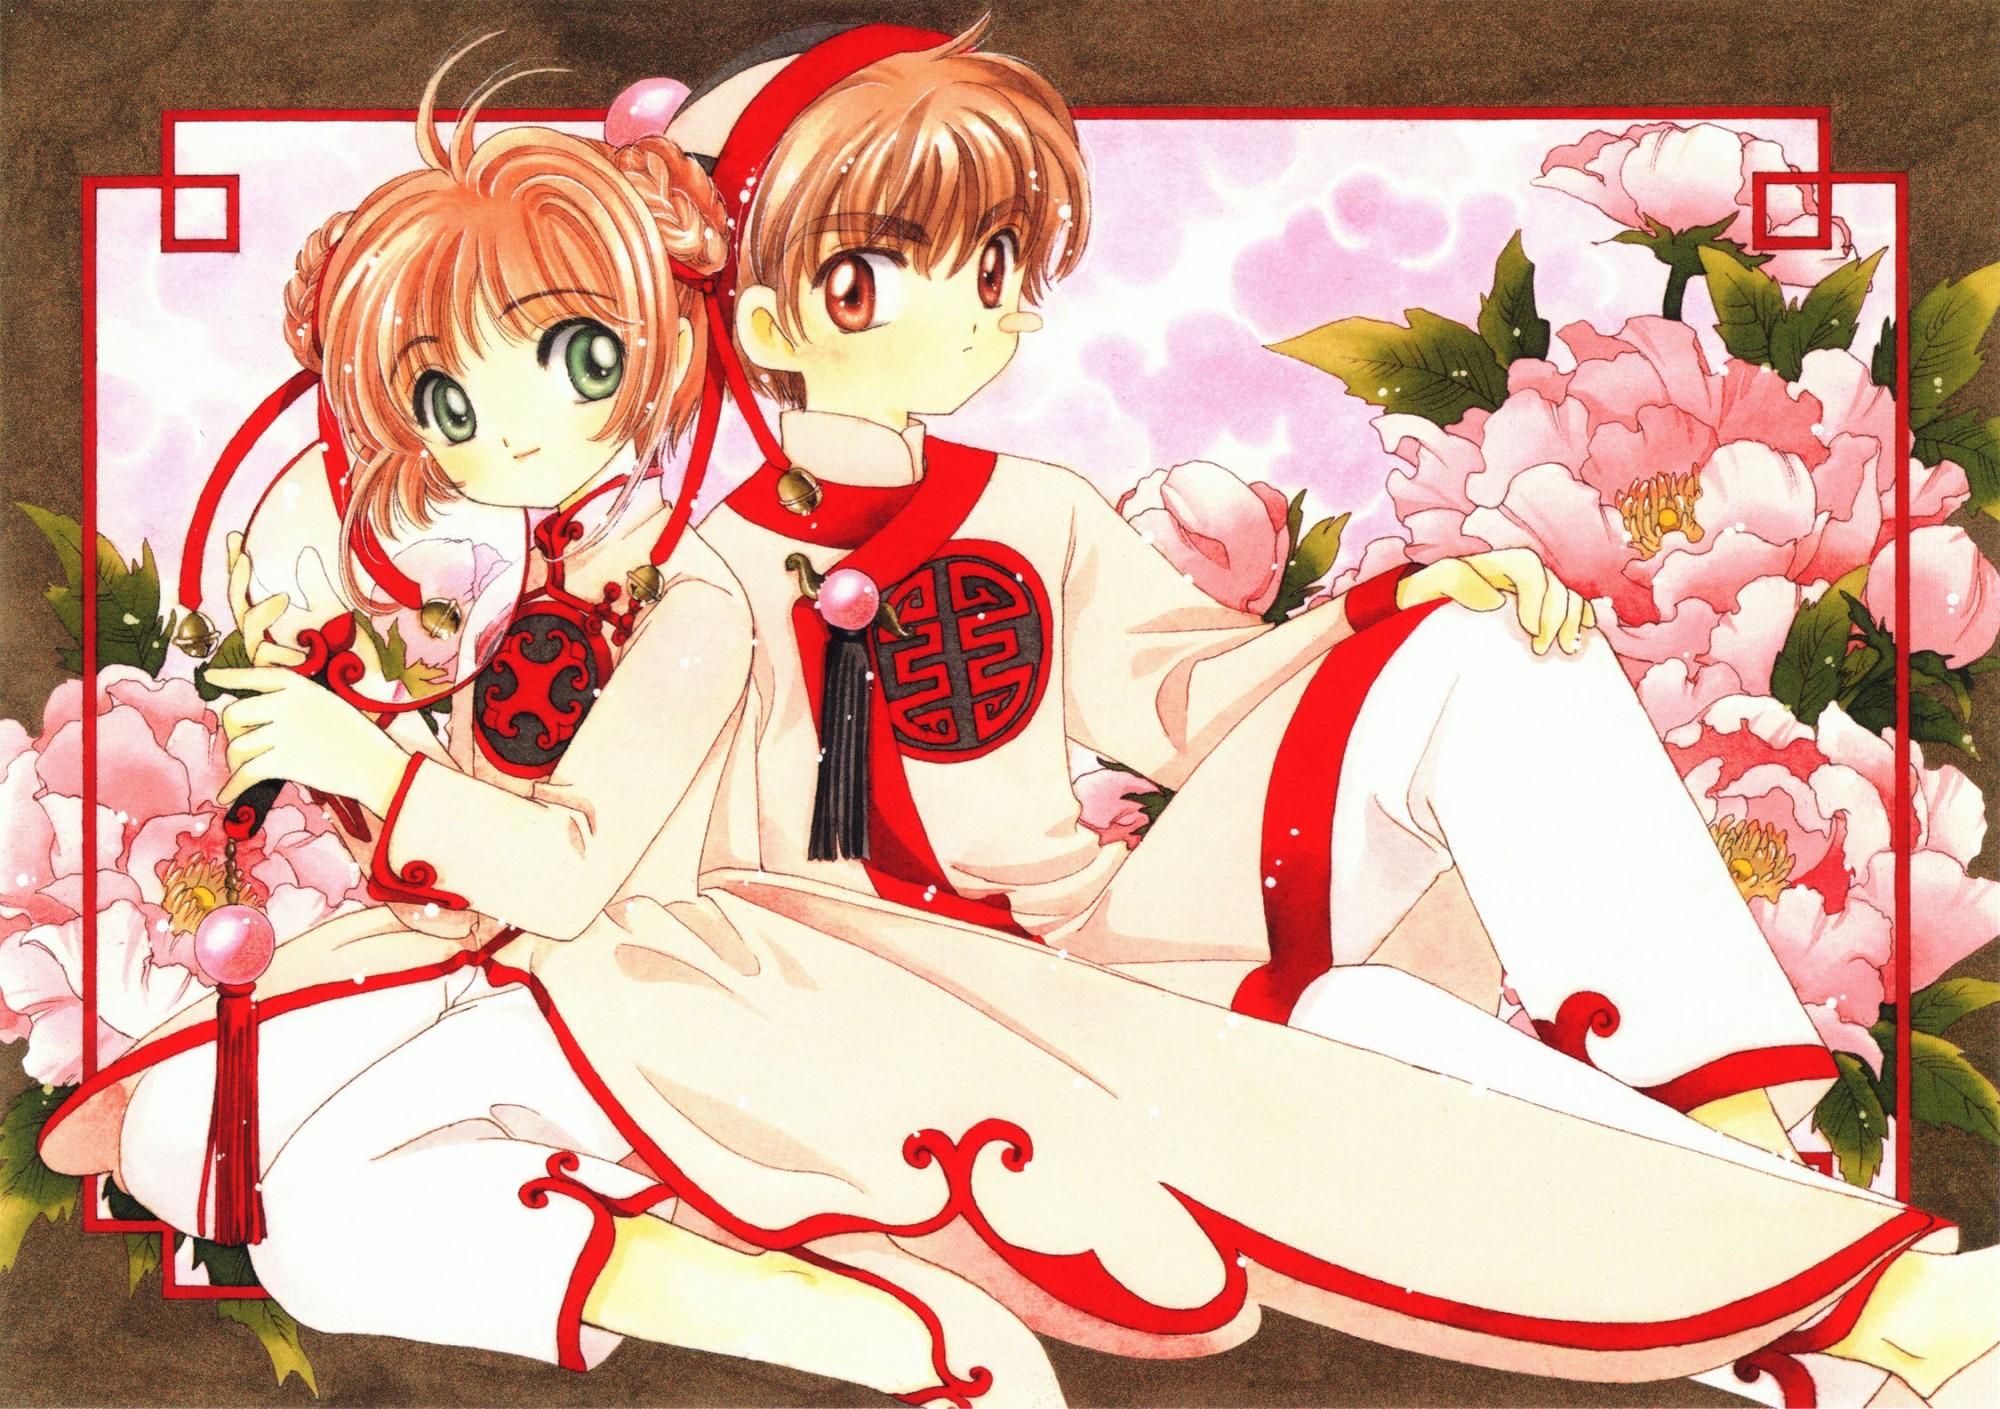 Sakura card captor 18 sakura pasa un festival de verano con yukito - 3 9